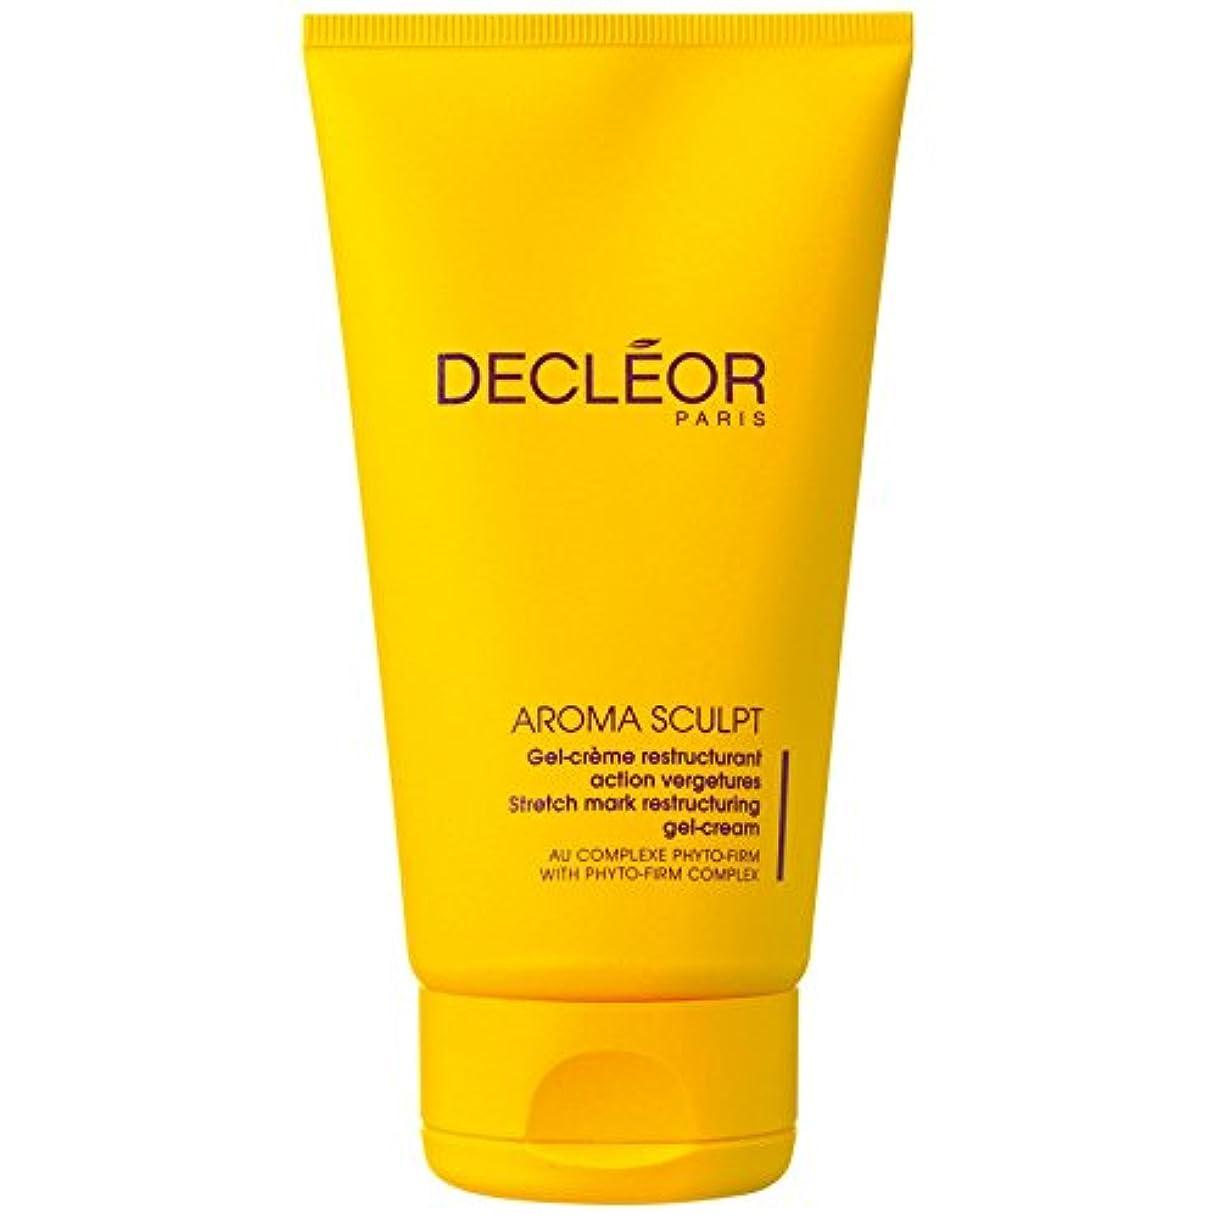 拡声器数字慎重[Decl?or] デクレオールアロマスカルプトストレッチマークリストラゲルクリーム150ミリリットル - Decl?or Aroma Sculpt Stretch Mark Restructuring Gel Cream...